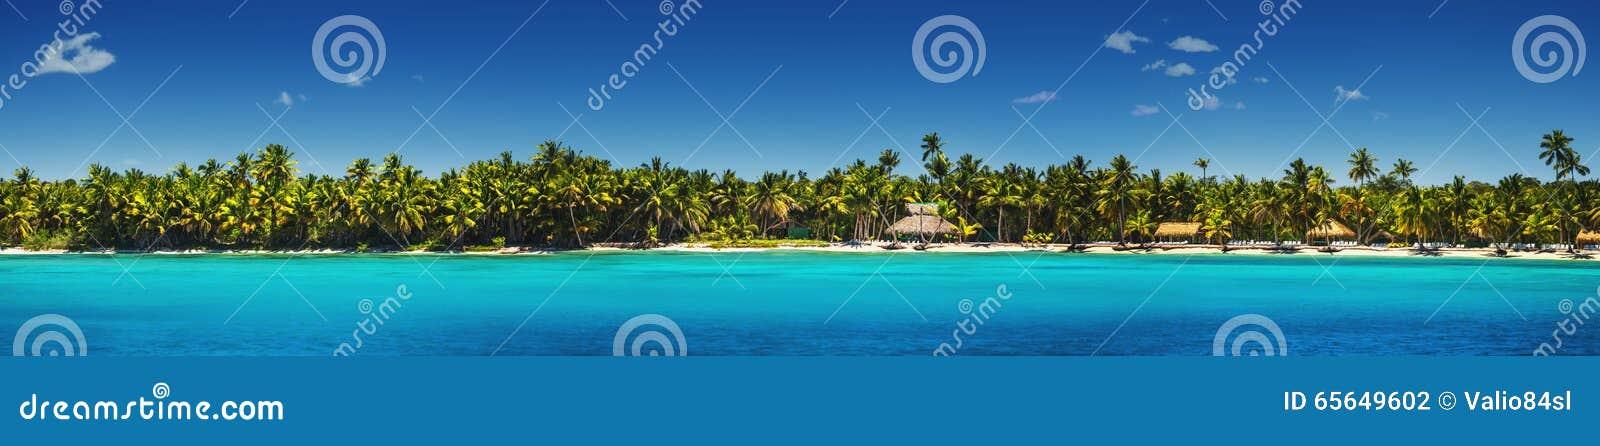 Vue panoramique des palmiers exotiques sur la plage tropicale